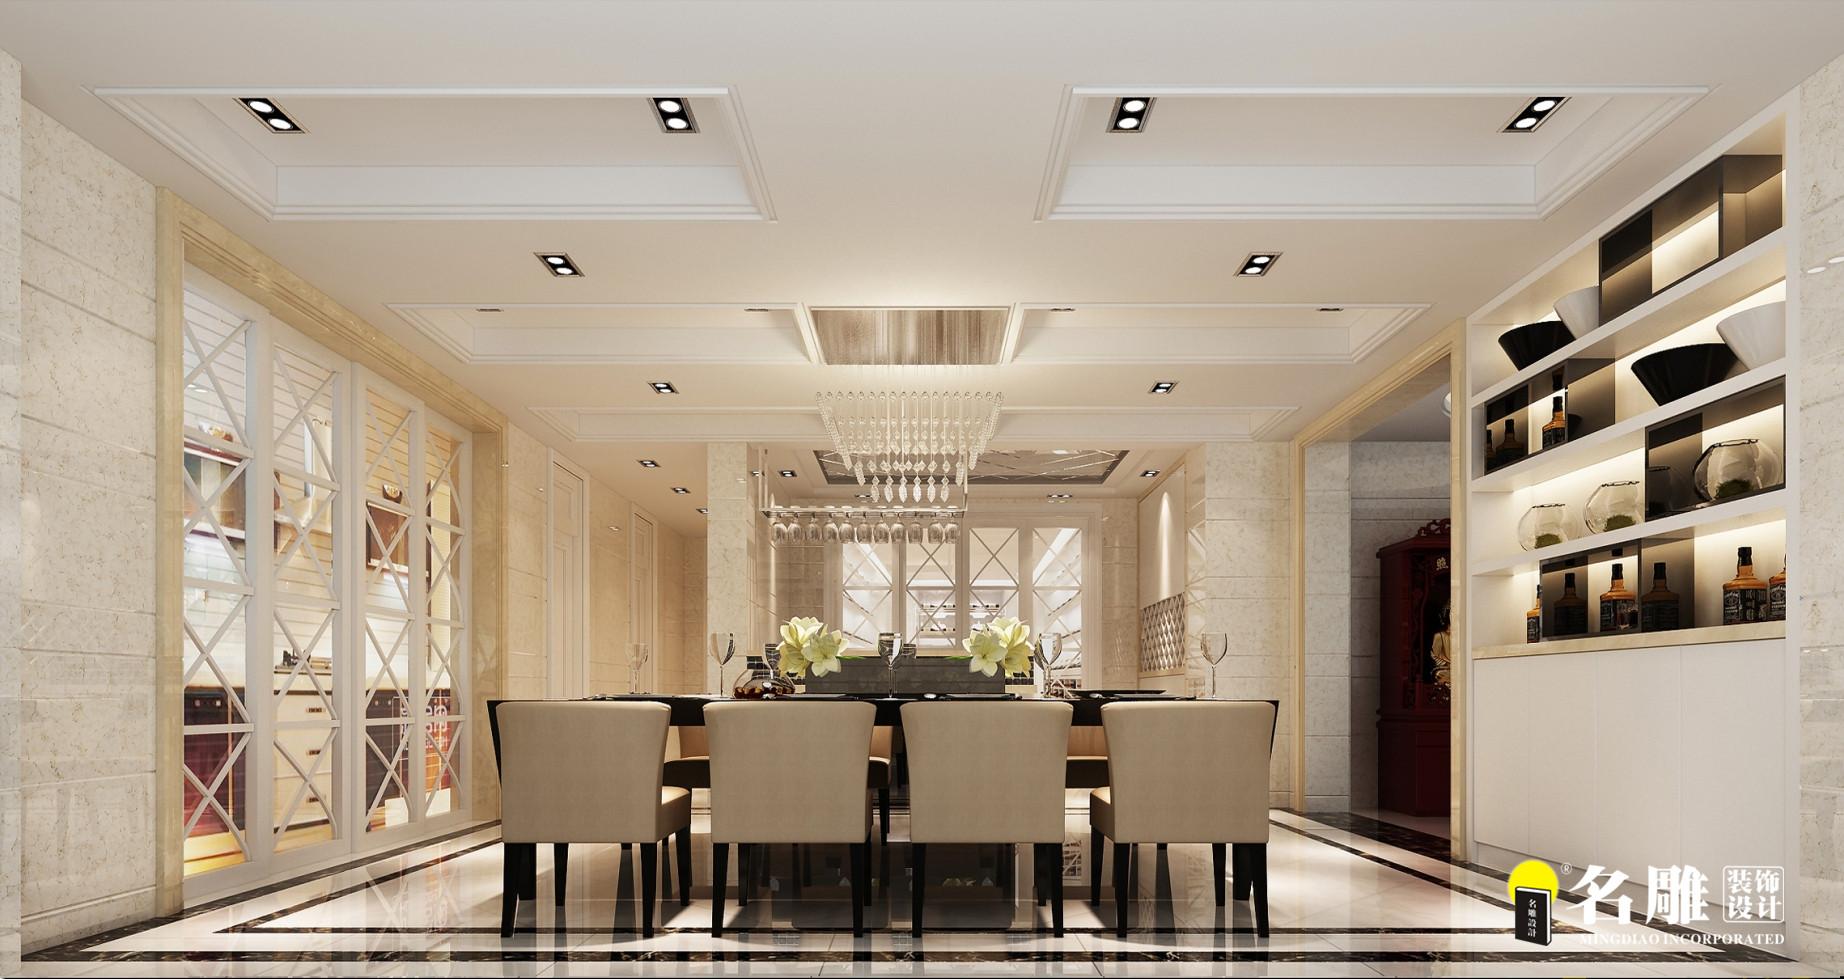 现代 复式别墅 精致 4厅 12室 11卫 餐厅图片来自名雕装饰设计在简约不简单的分享